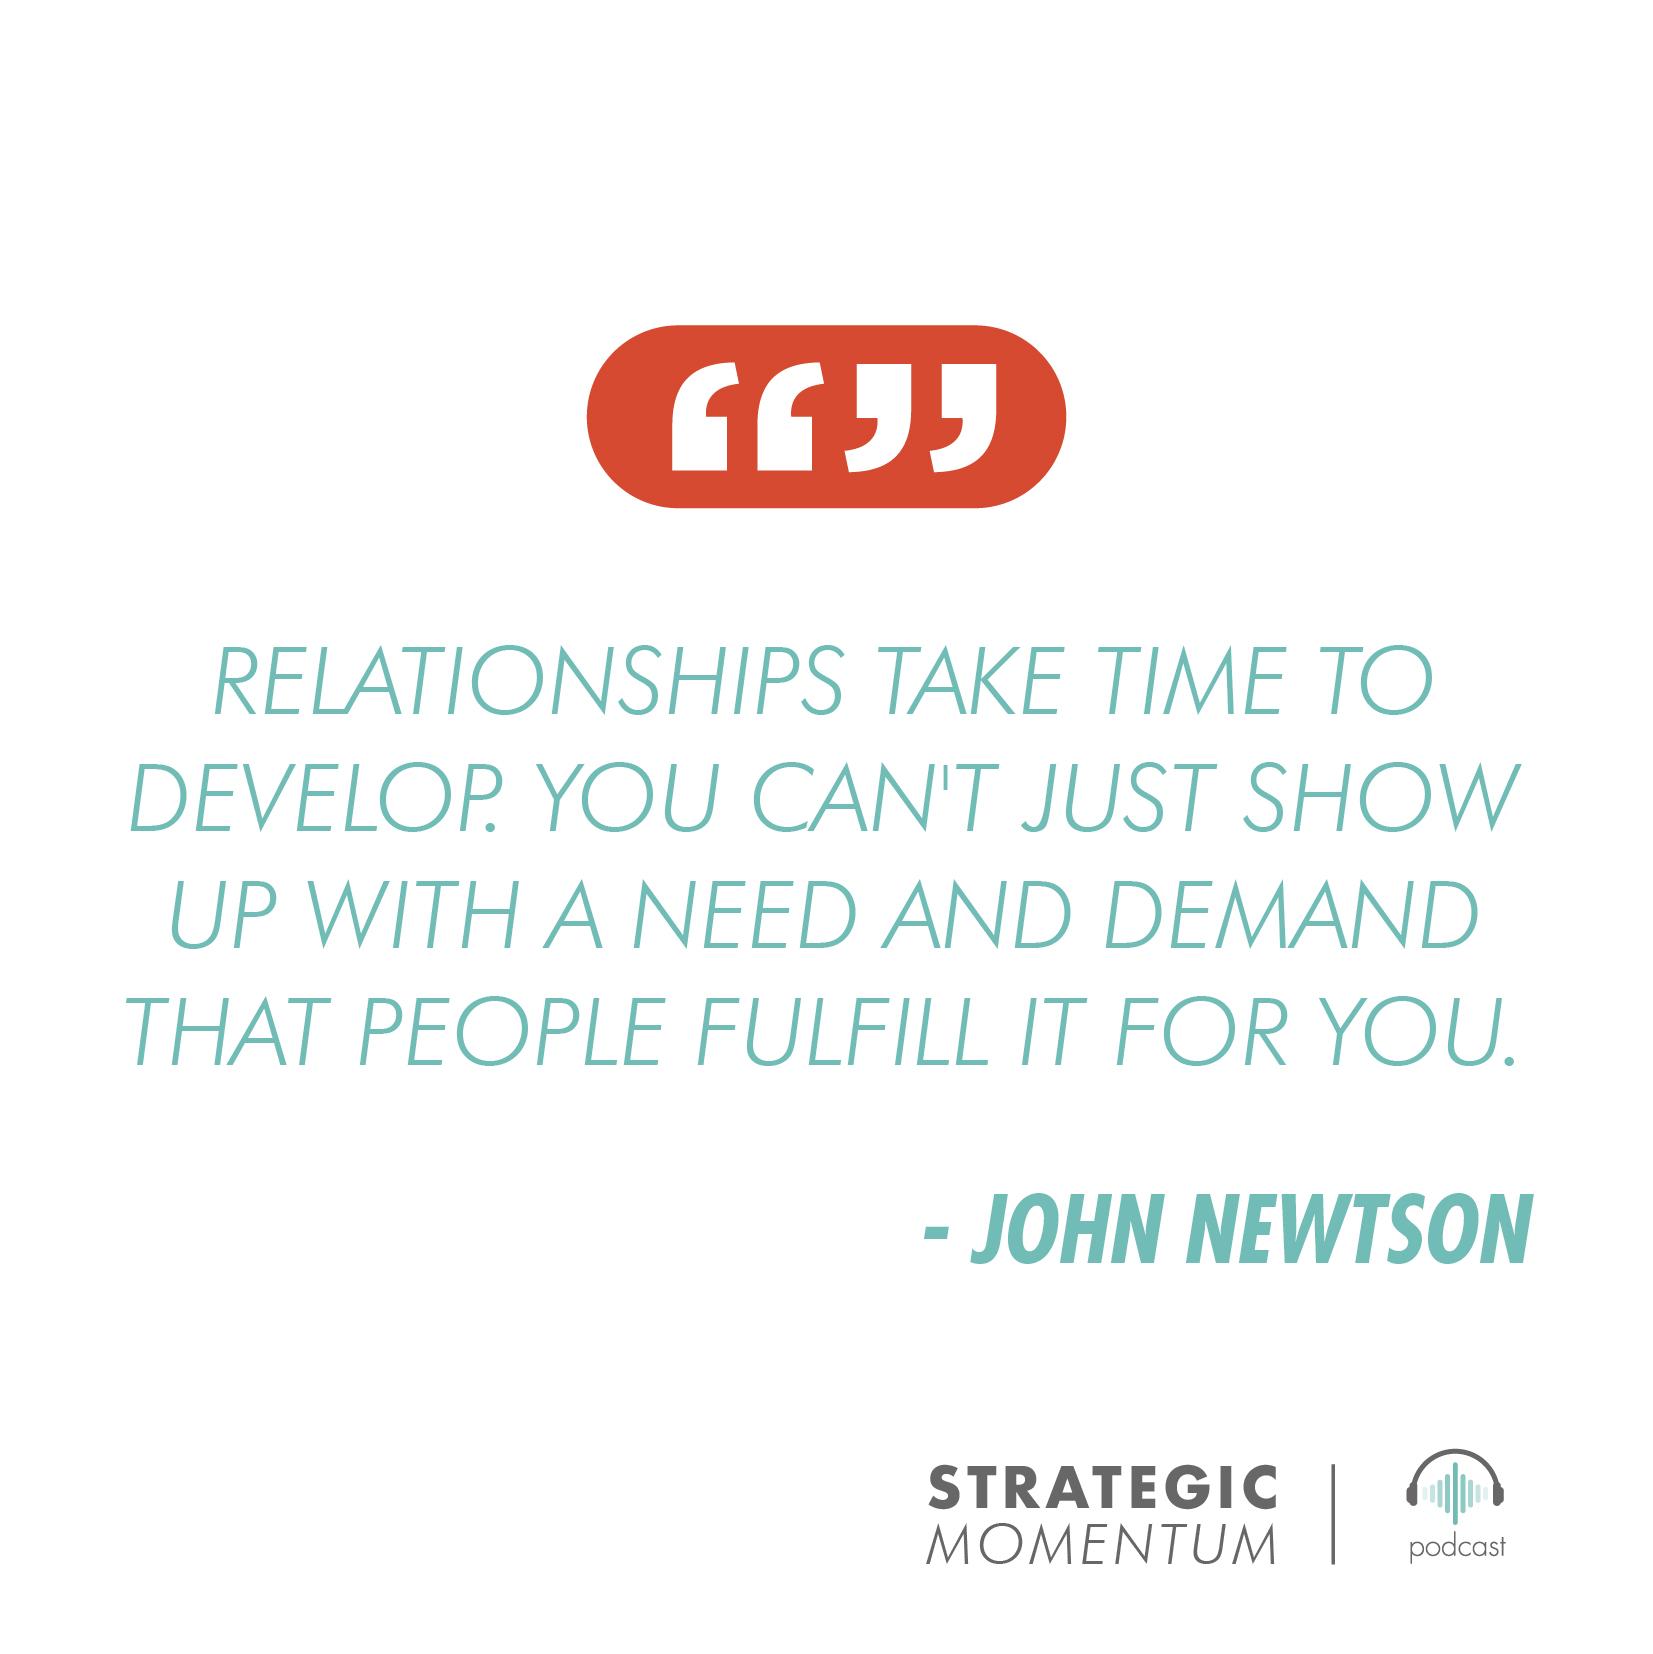 John Newston Quote | Strategic Momentum Podcast